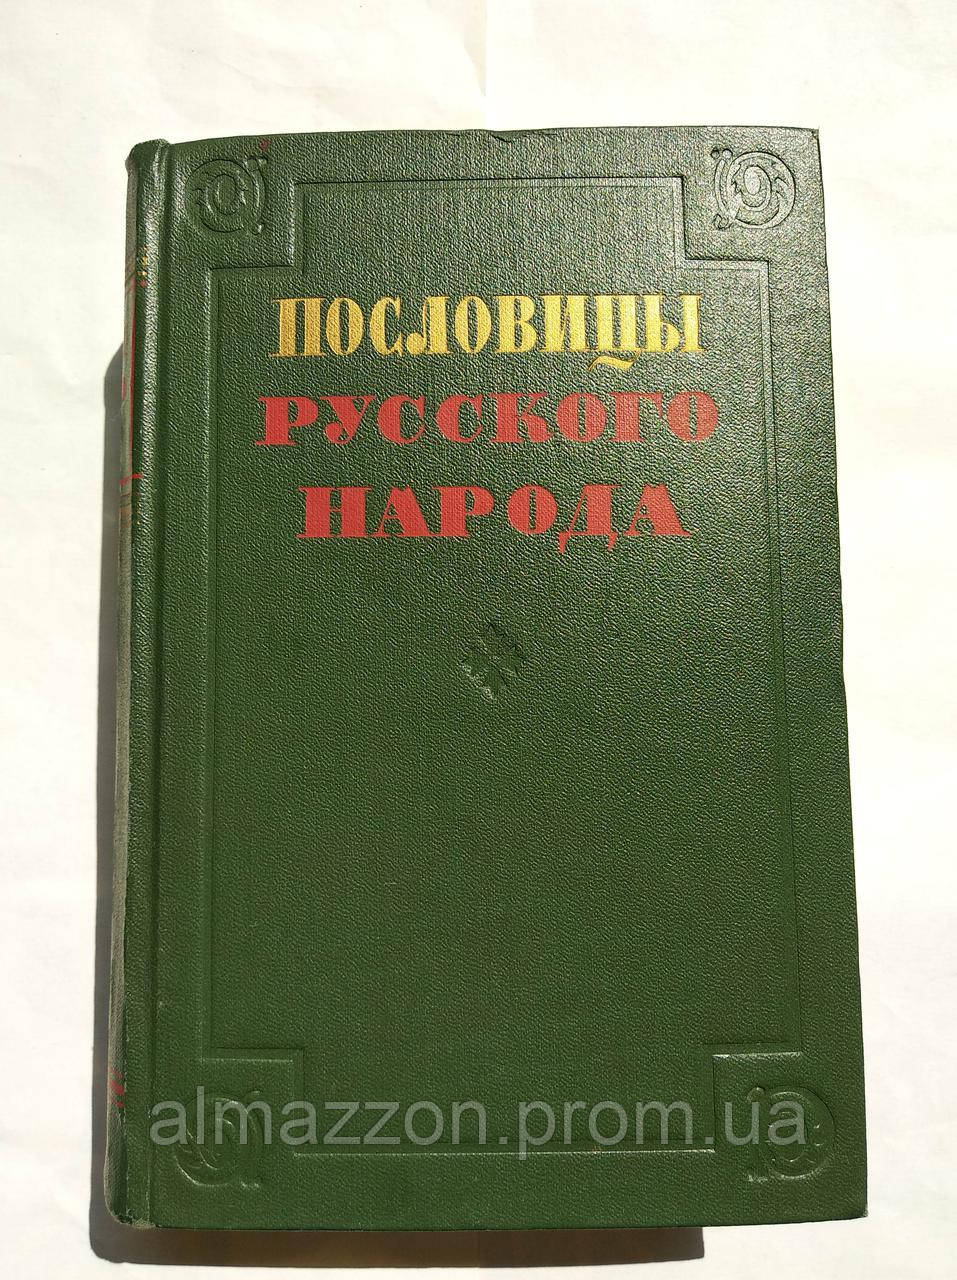 Пословицы Русского народа. 1957 год. Сборник В.Даля